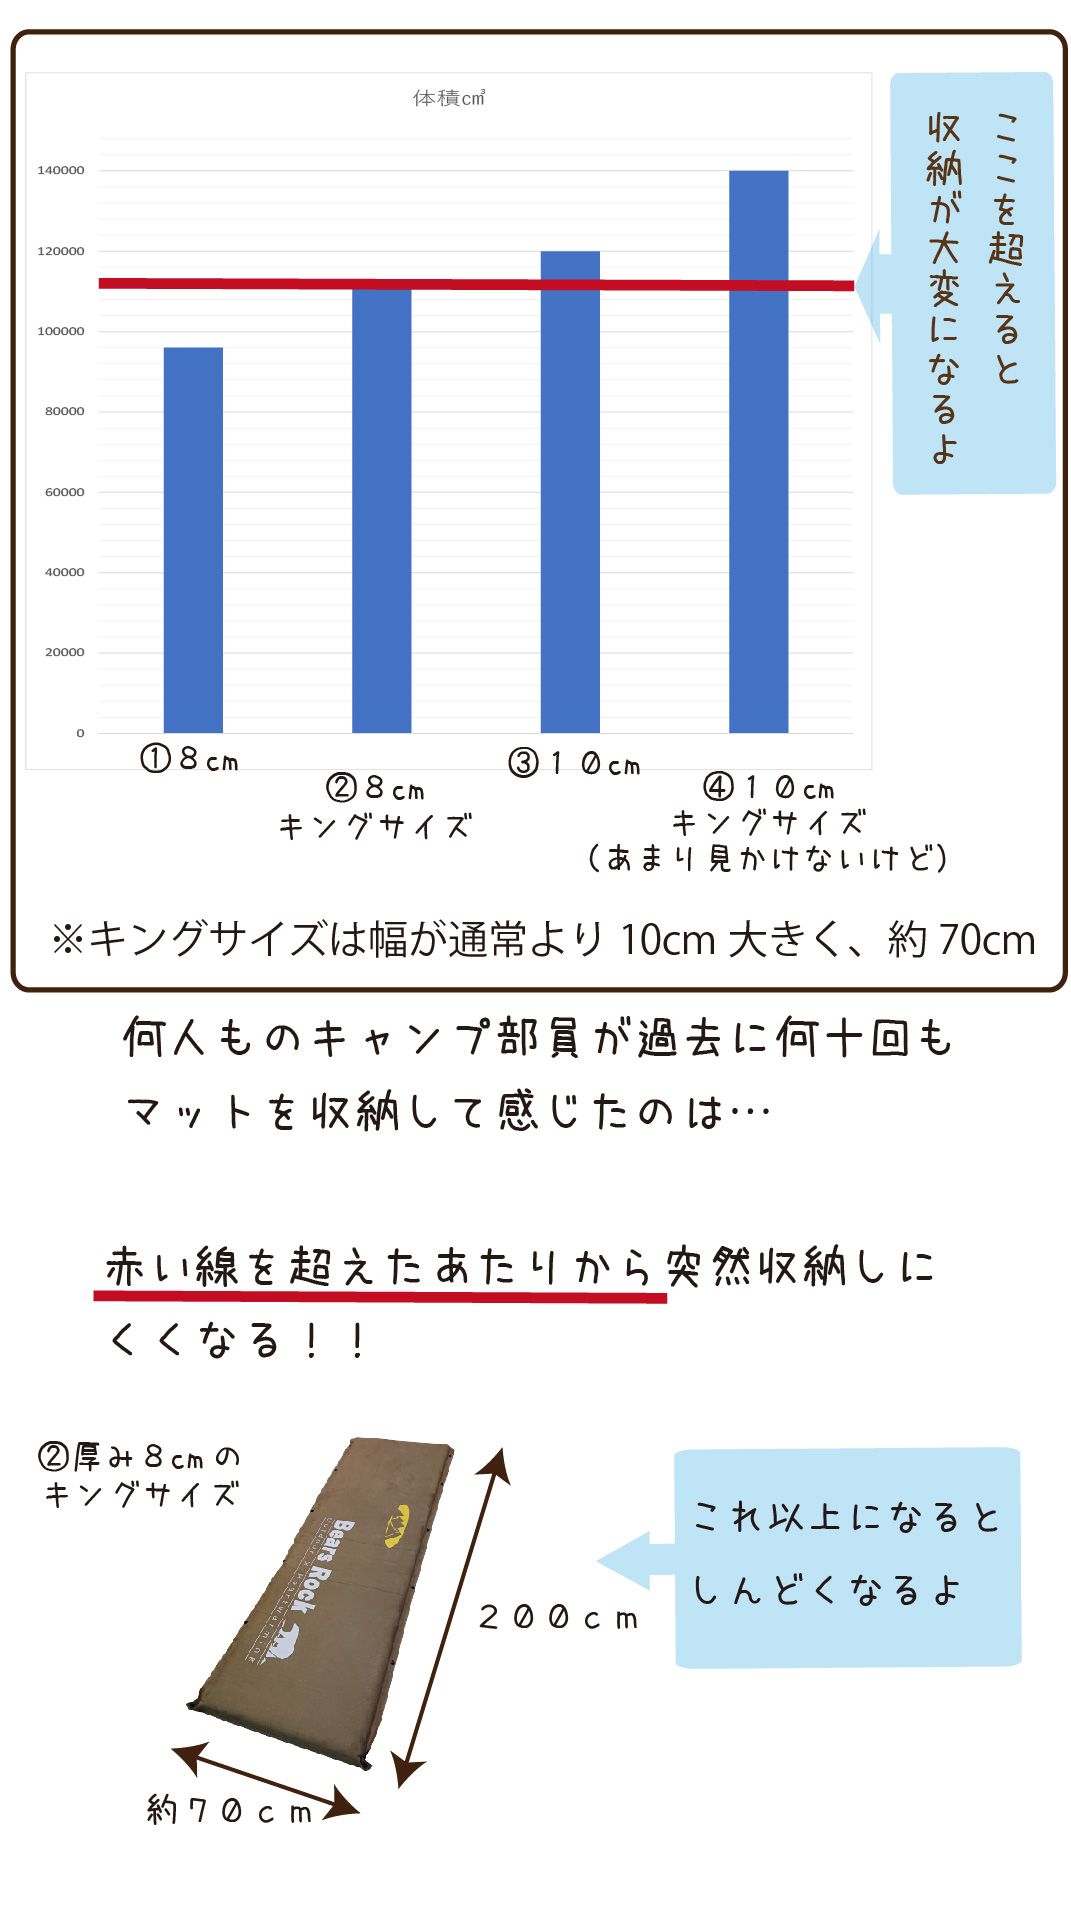 各サイズのマットの体積の比較グラフ